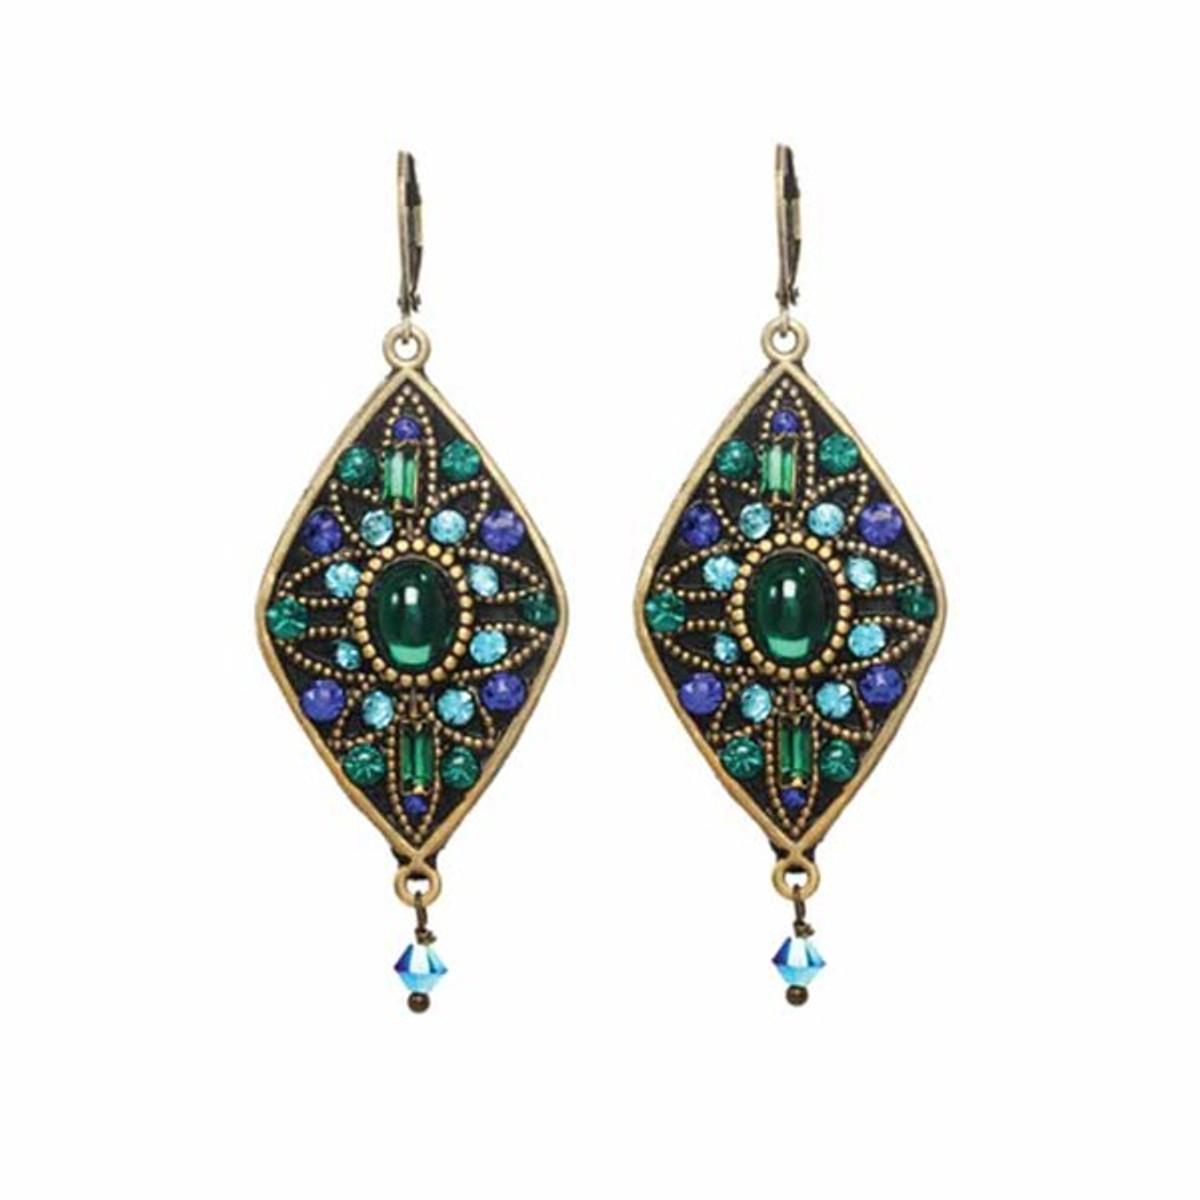 Lovely Peacock Earrings From Michal Golan